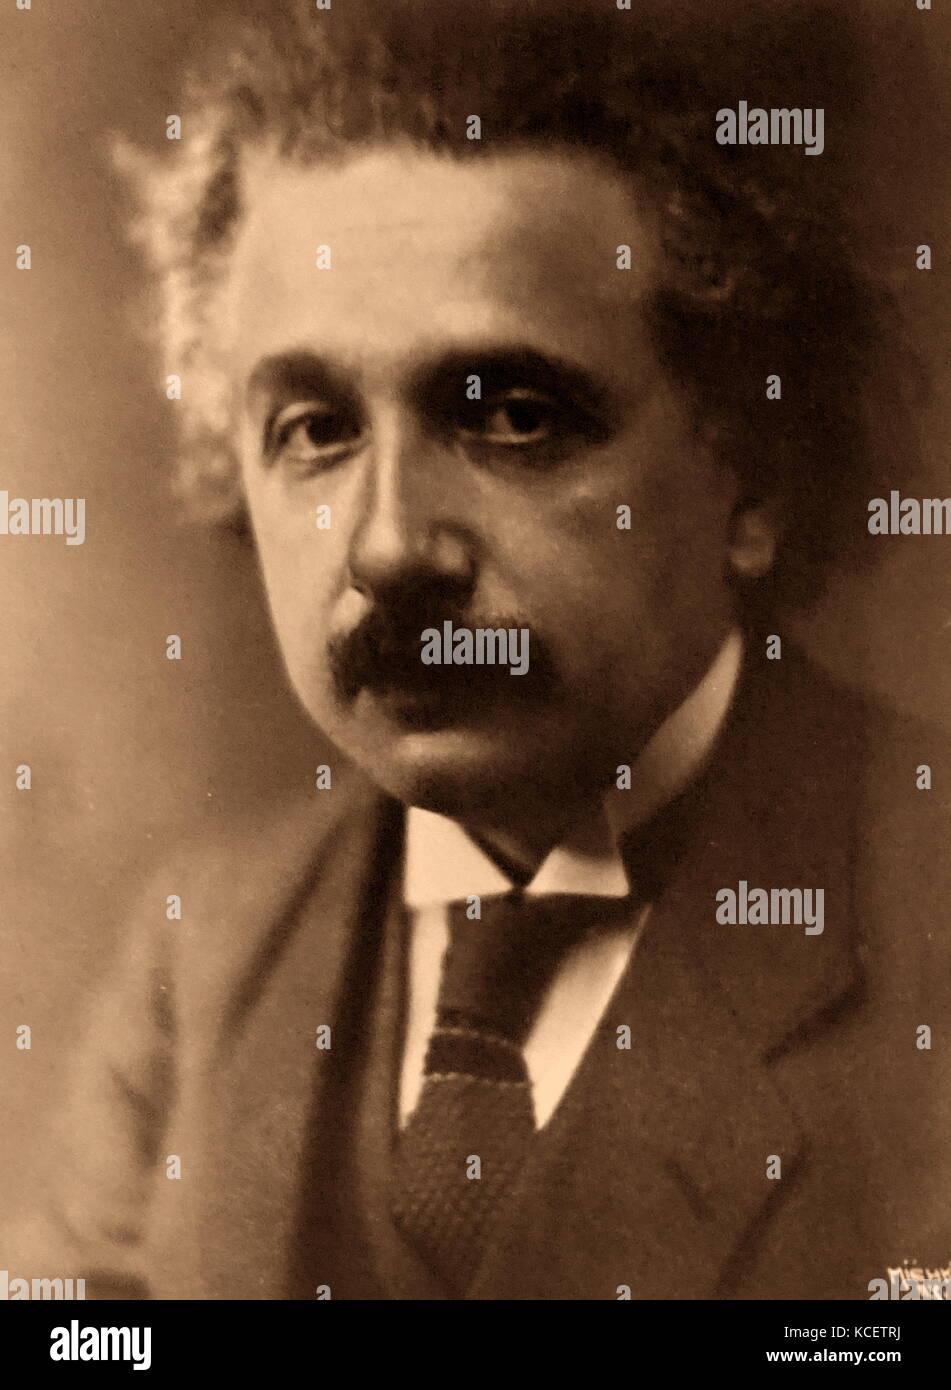 Albert Einstein (1879 - 1955), un physicien théorique. Il a développé la théorie générale de la relativité, l'un Banque D'Images